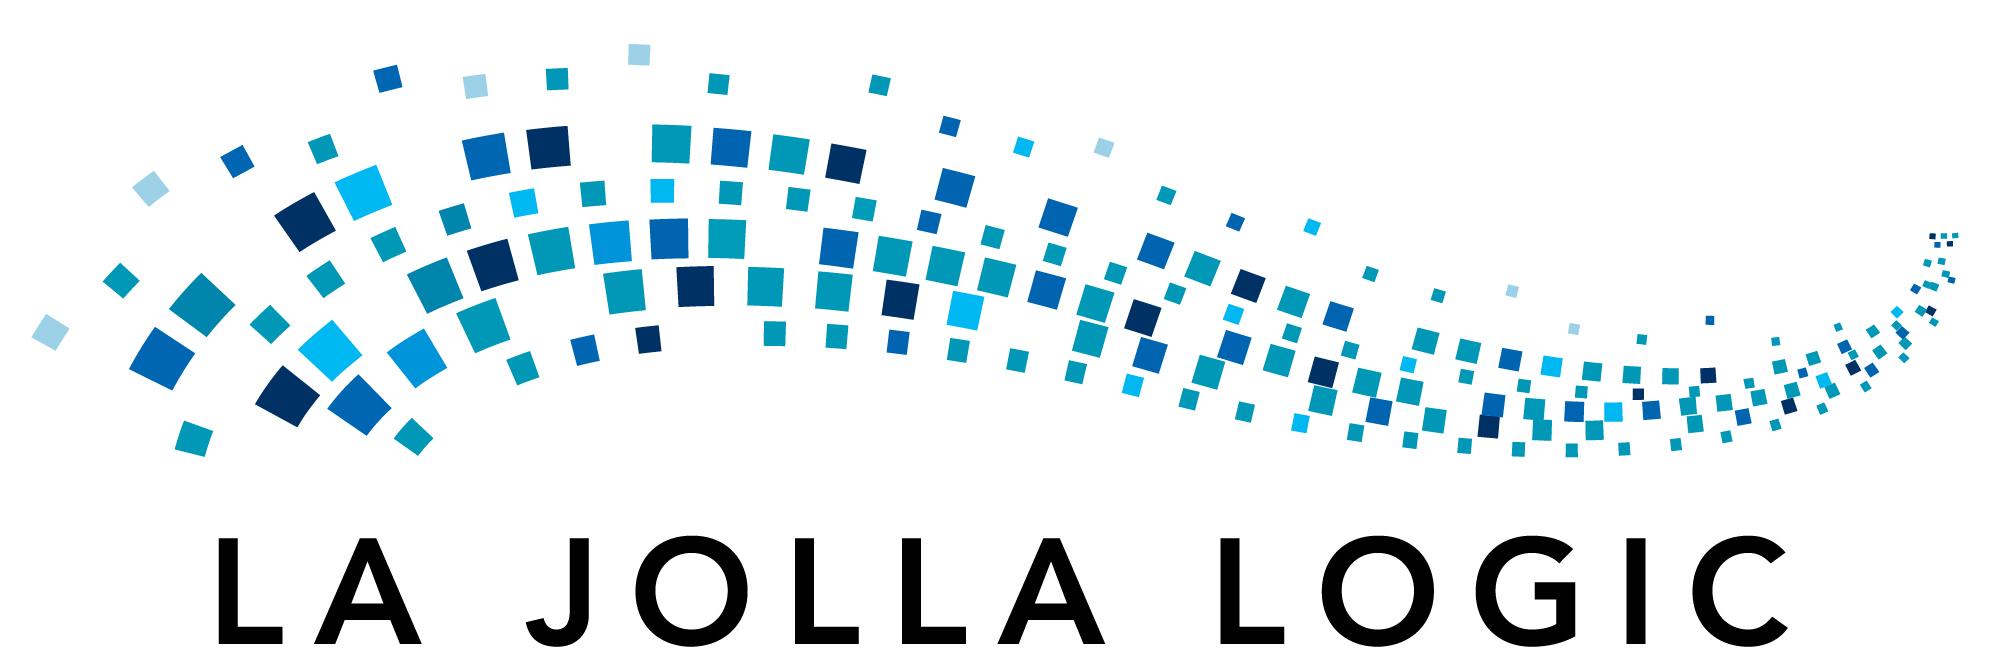 LJL Logo Hi Res.jpg